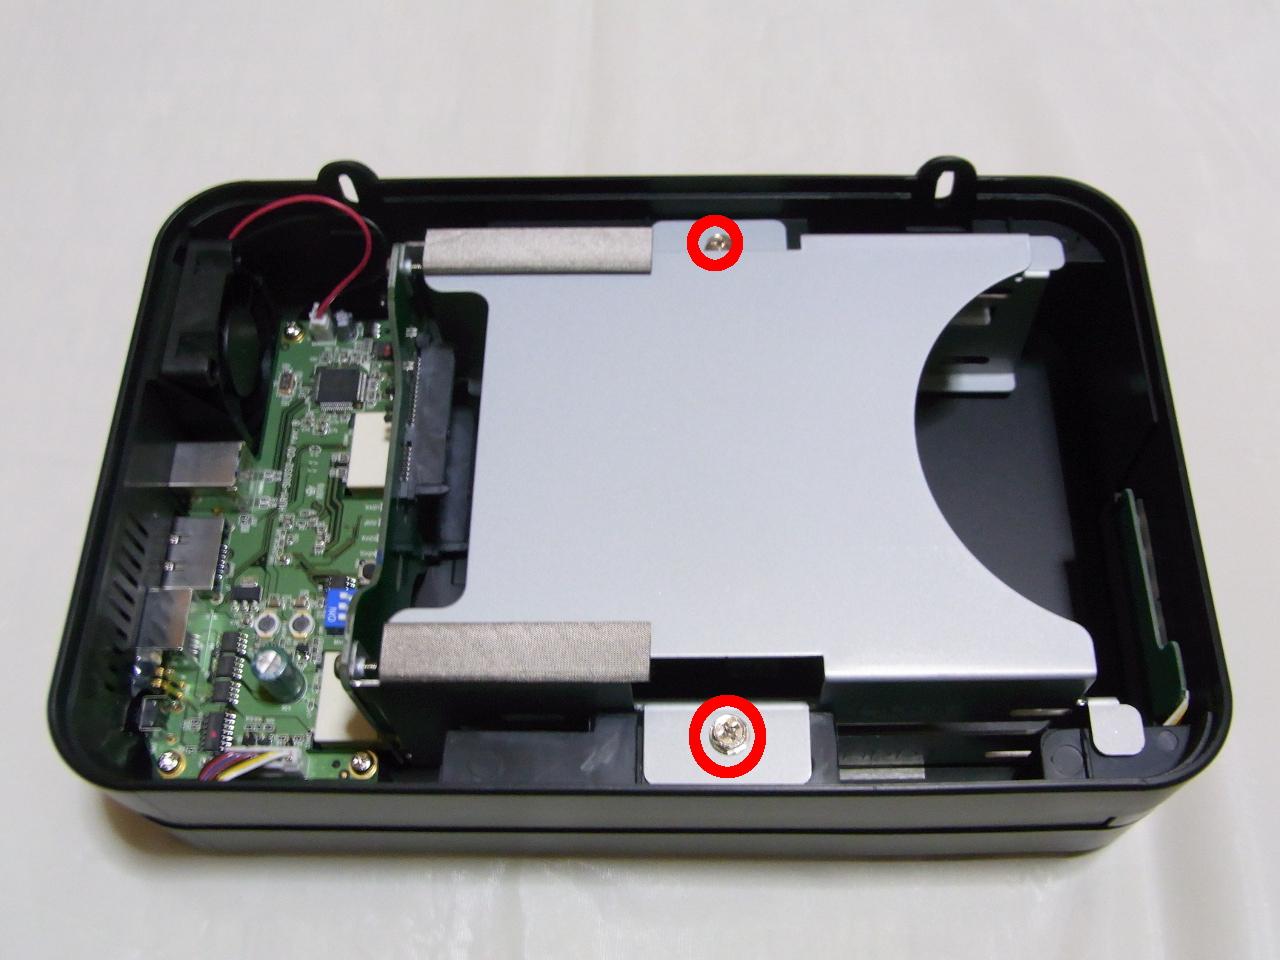 CG-HDC2EUS31-W HDDトレイを固定しているねじをはずす